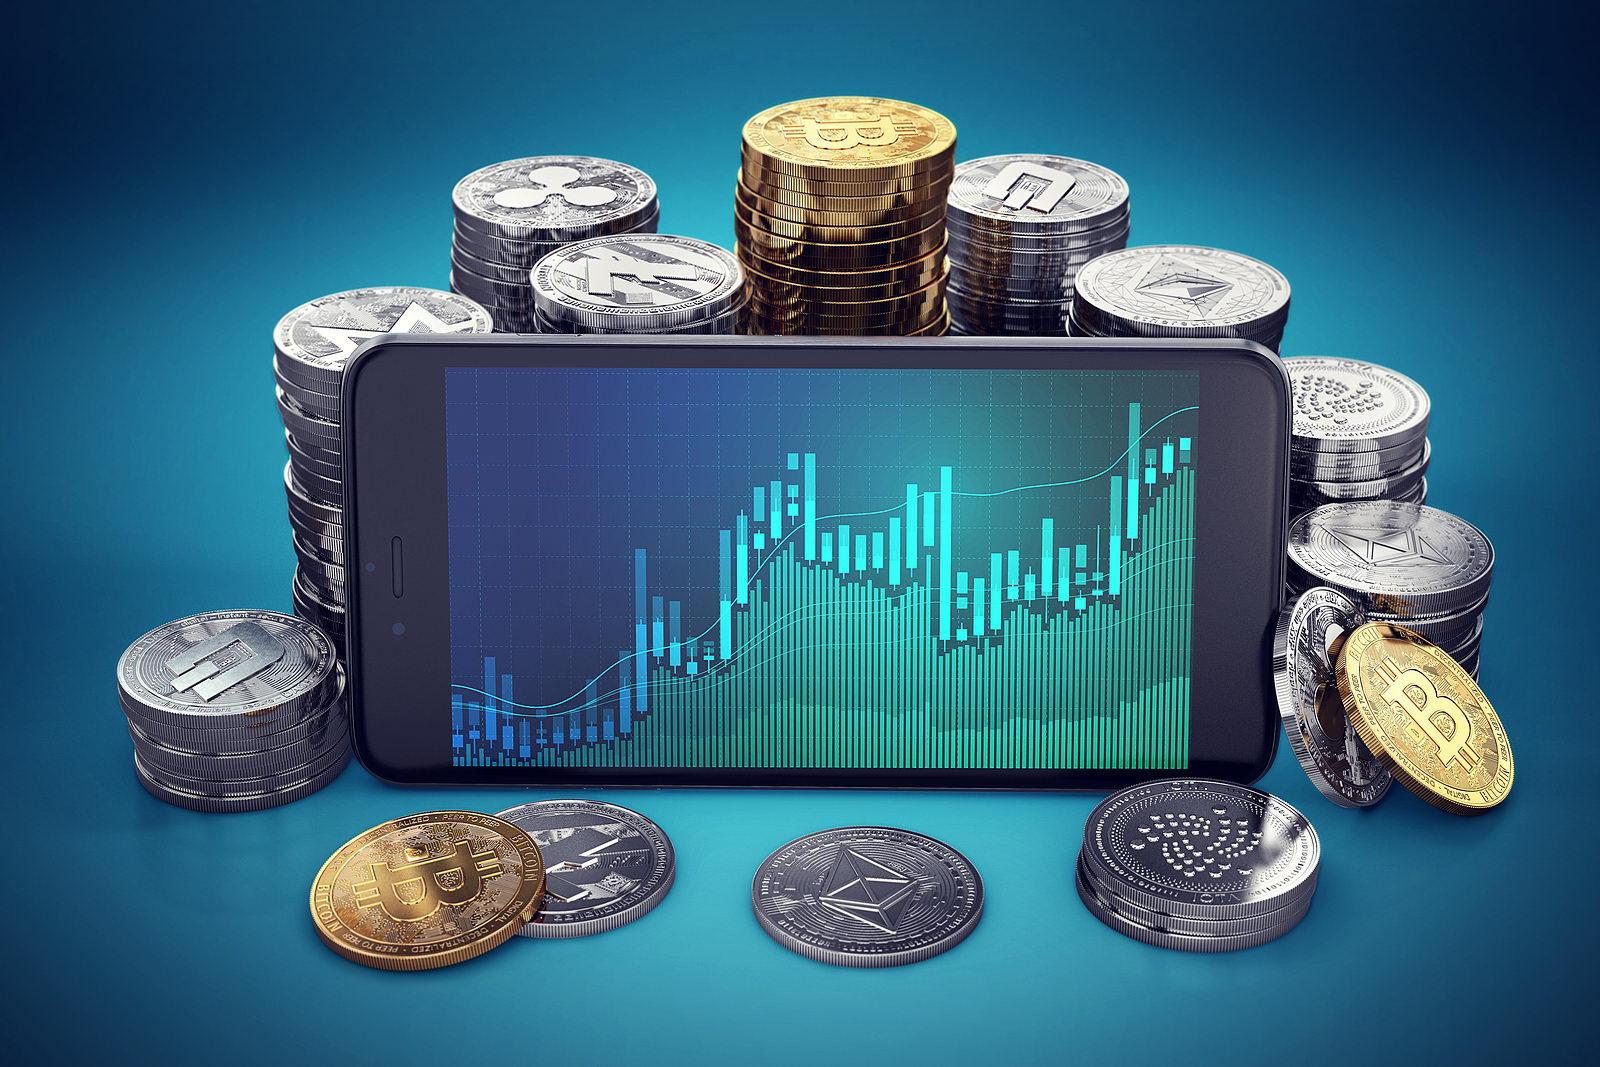 crypto - Биржи призвали ввести единую классификацию цифровых активов